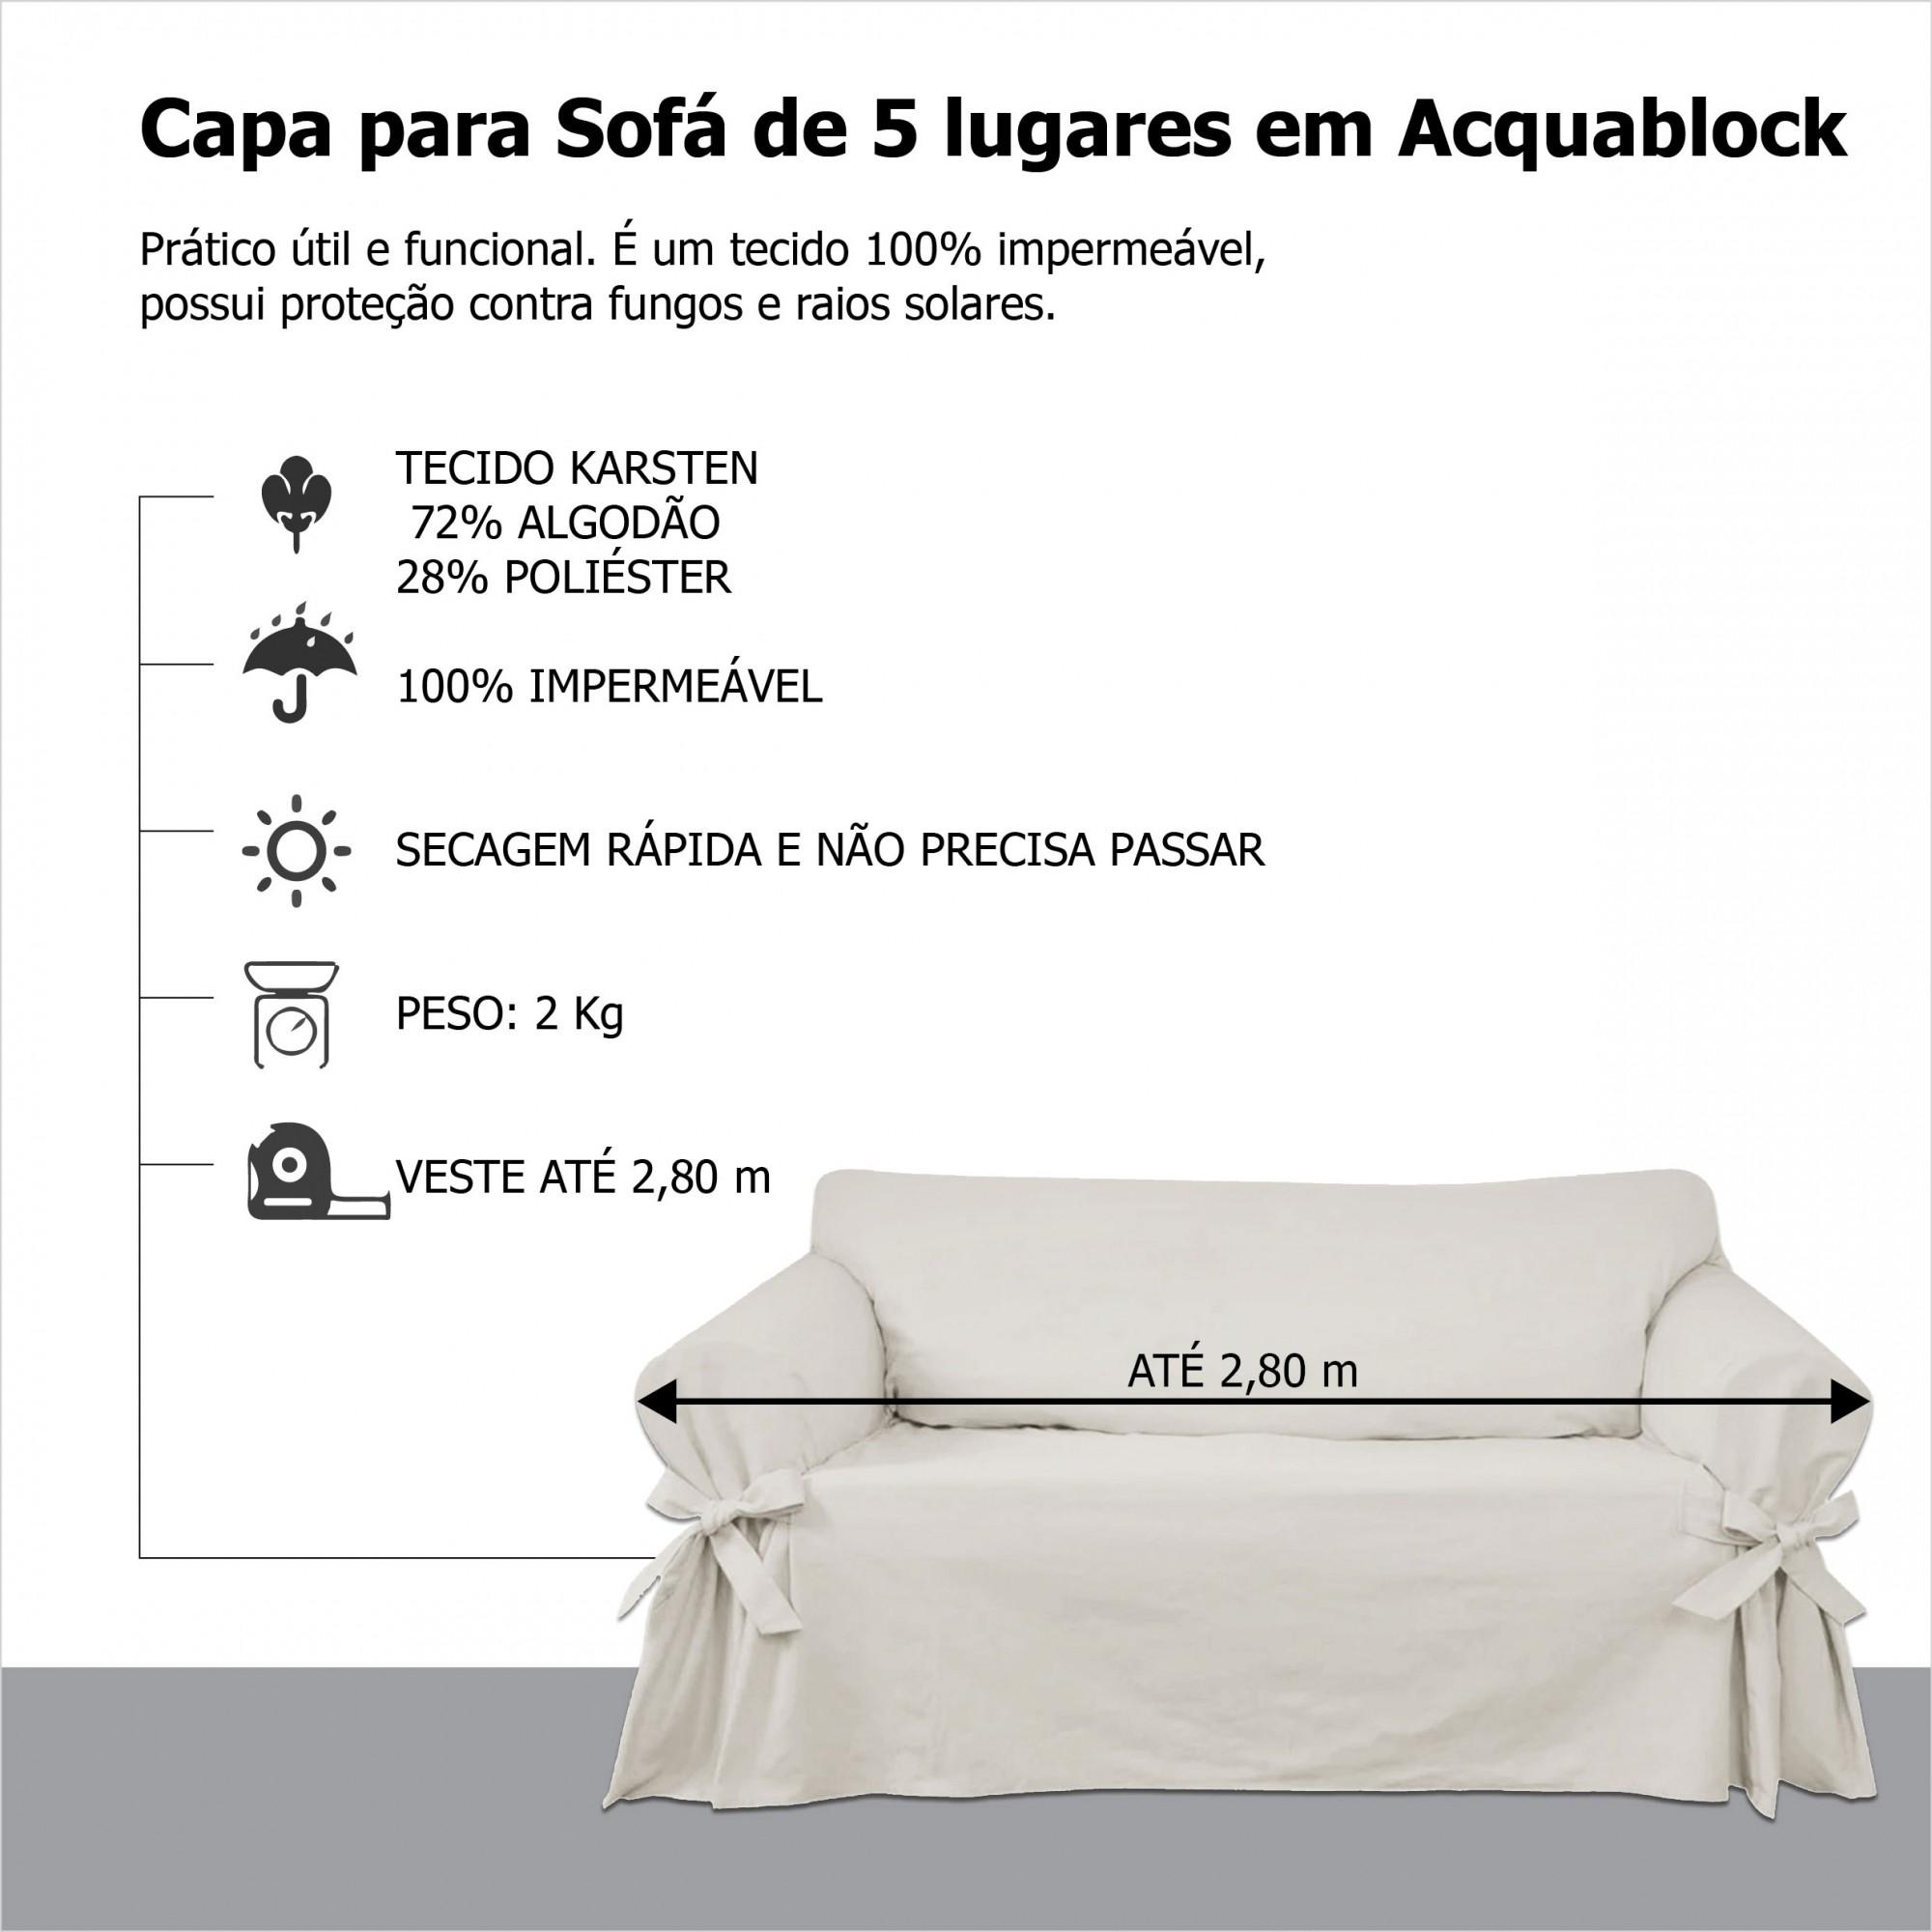 Capa p/ Sofá de 5 Lug GRAFITE em Acquablock Impermeável